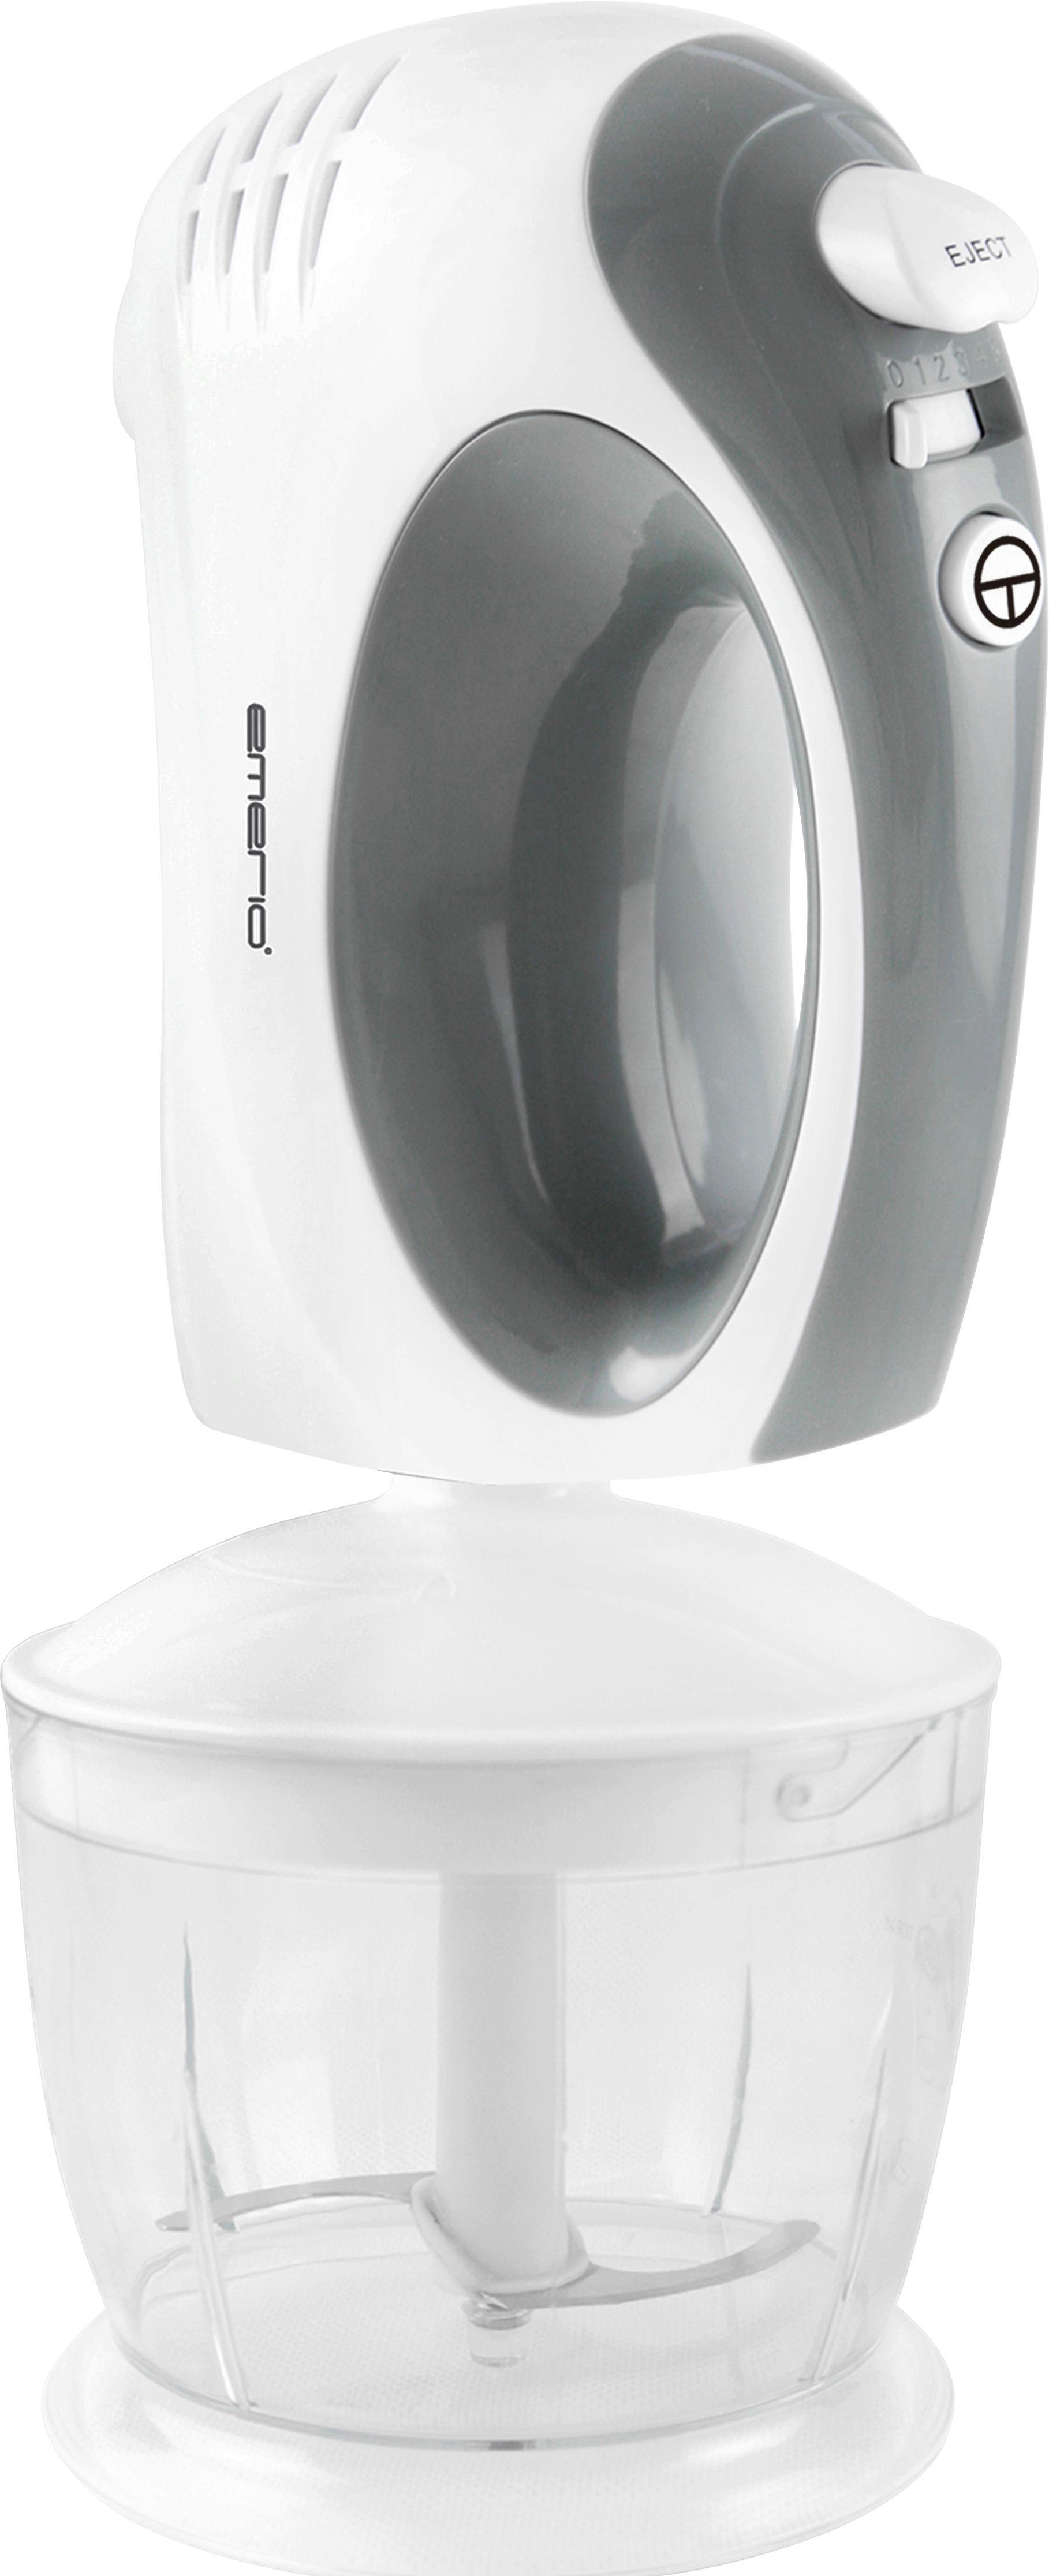 Kézi Mixer Gerda - fehér/szürke, műanyag/fém (24/13.5/20cm) - MÖMAX modern living